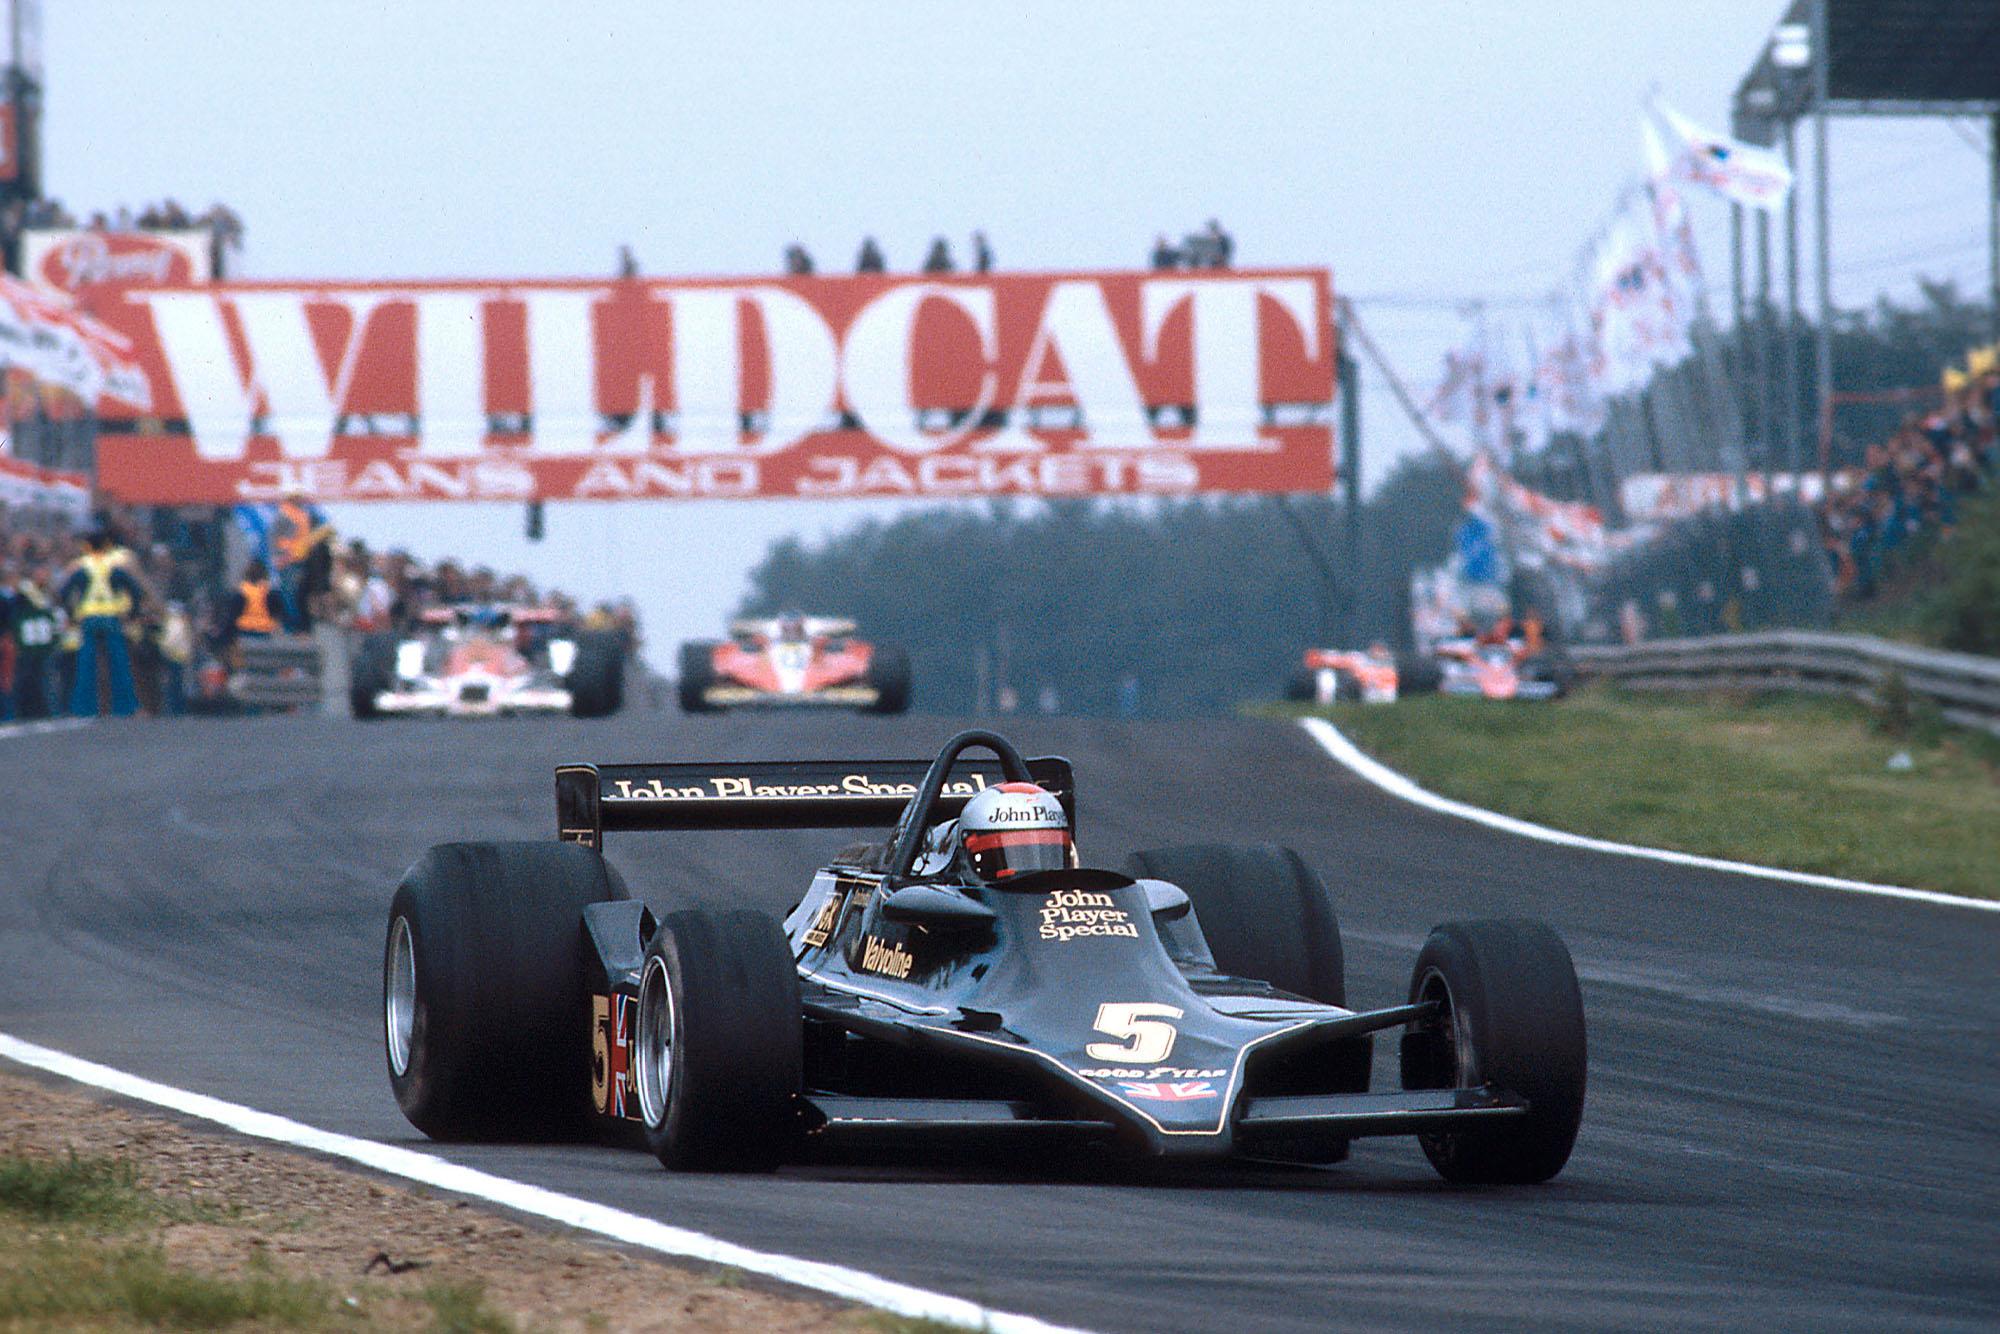 Mario Andretti (Lotus) driving at the 1978 Belgian Grand Prix, Zolder.